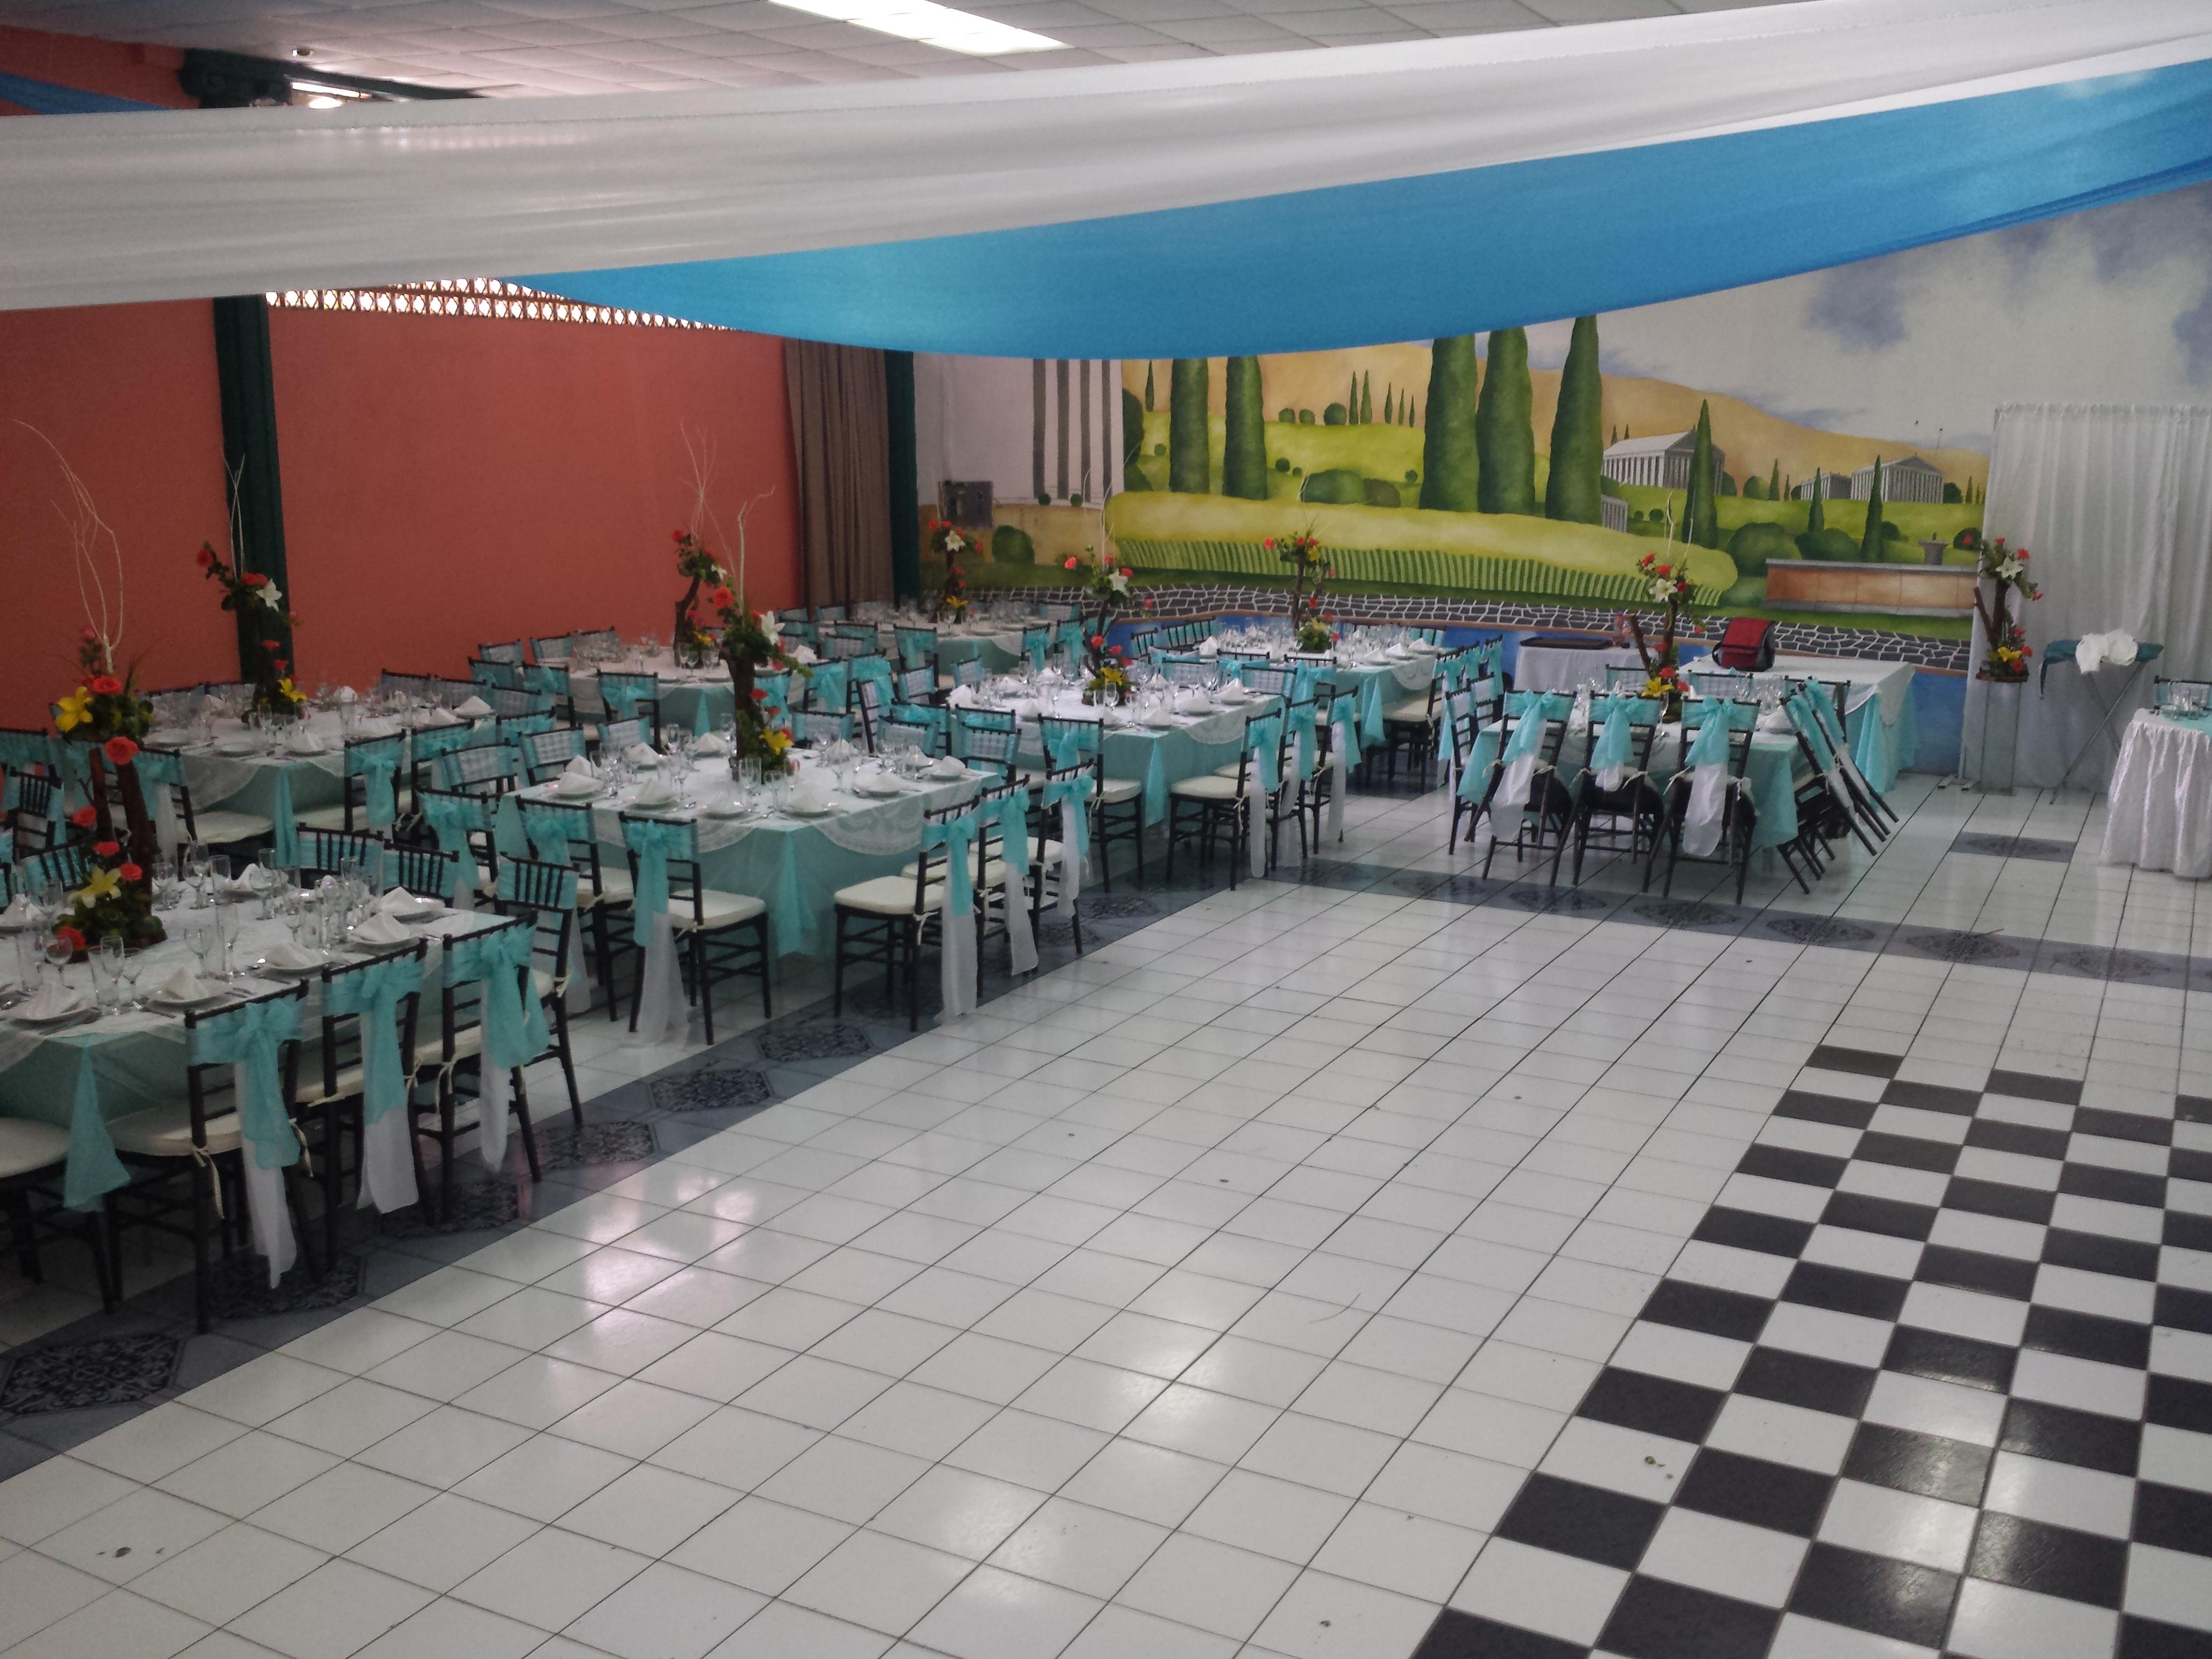 Graduaciones Banquetes Belem